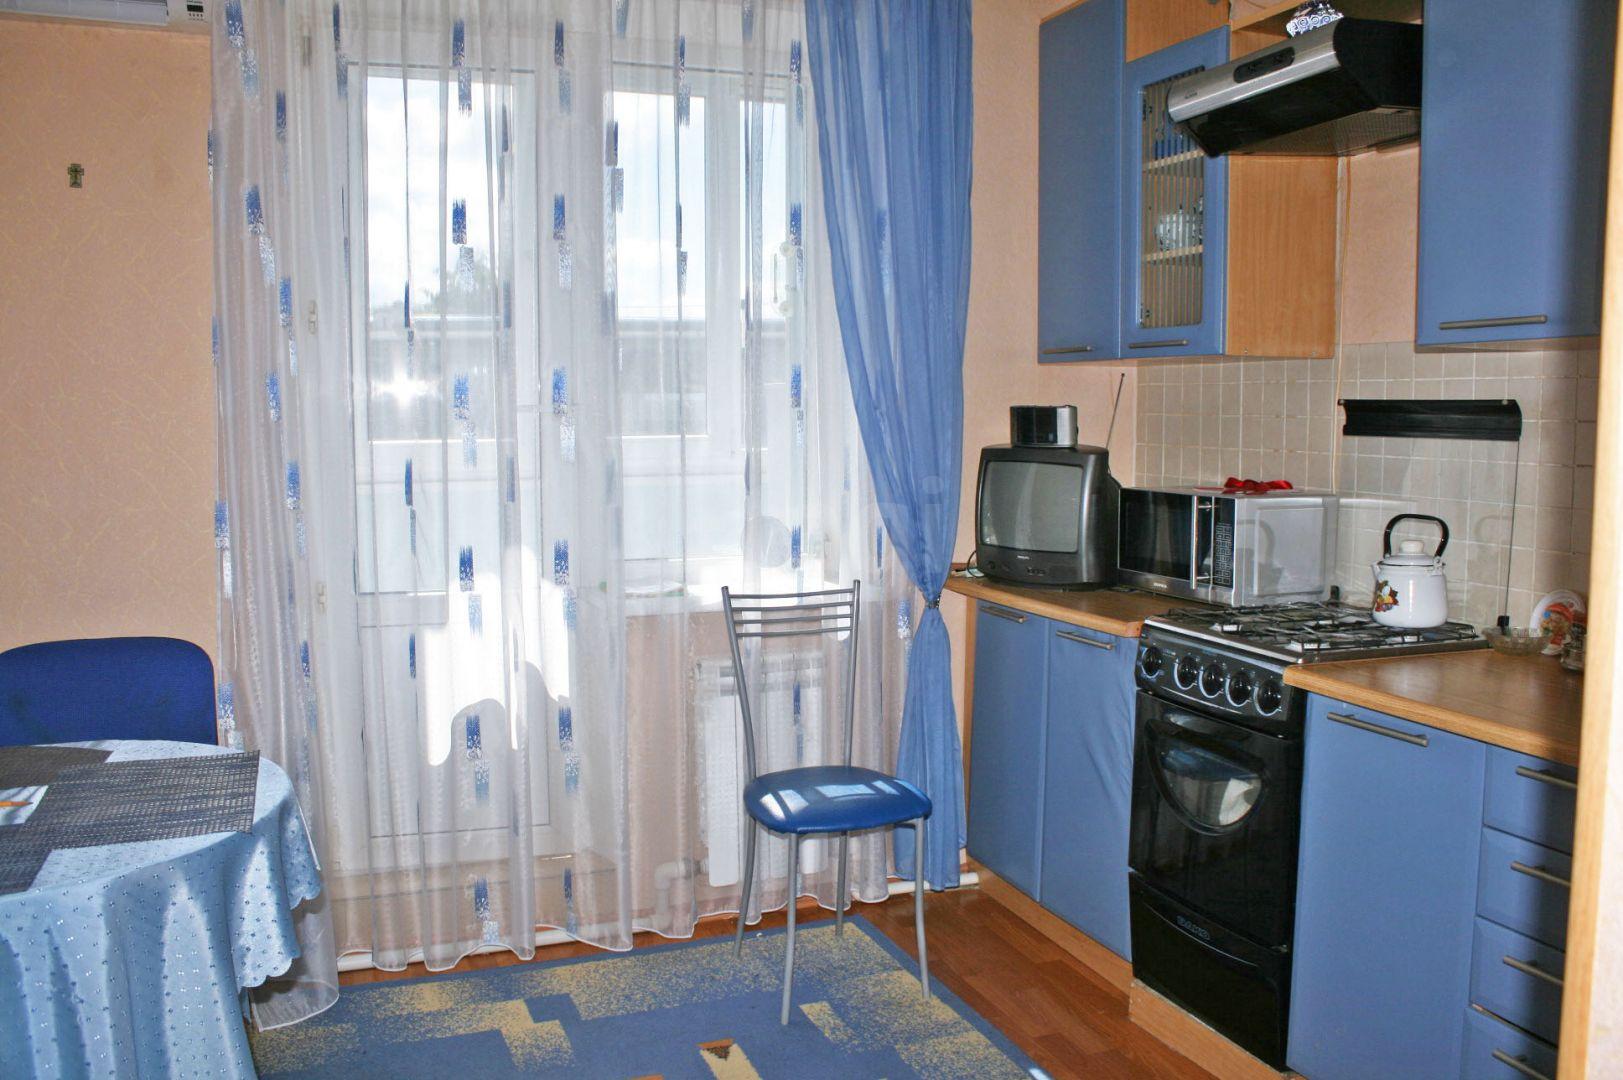 Муром, Комсомольская, 50, 2-к. квартира на продажу